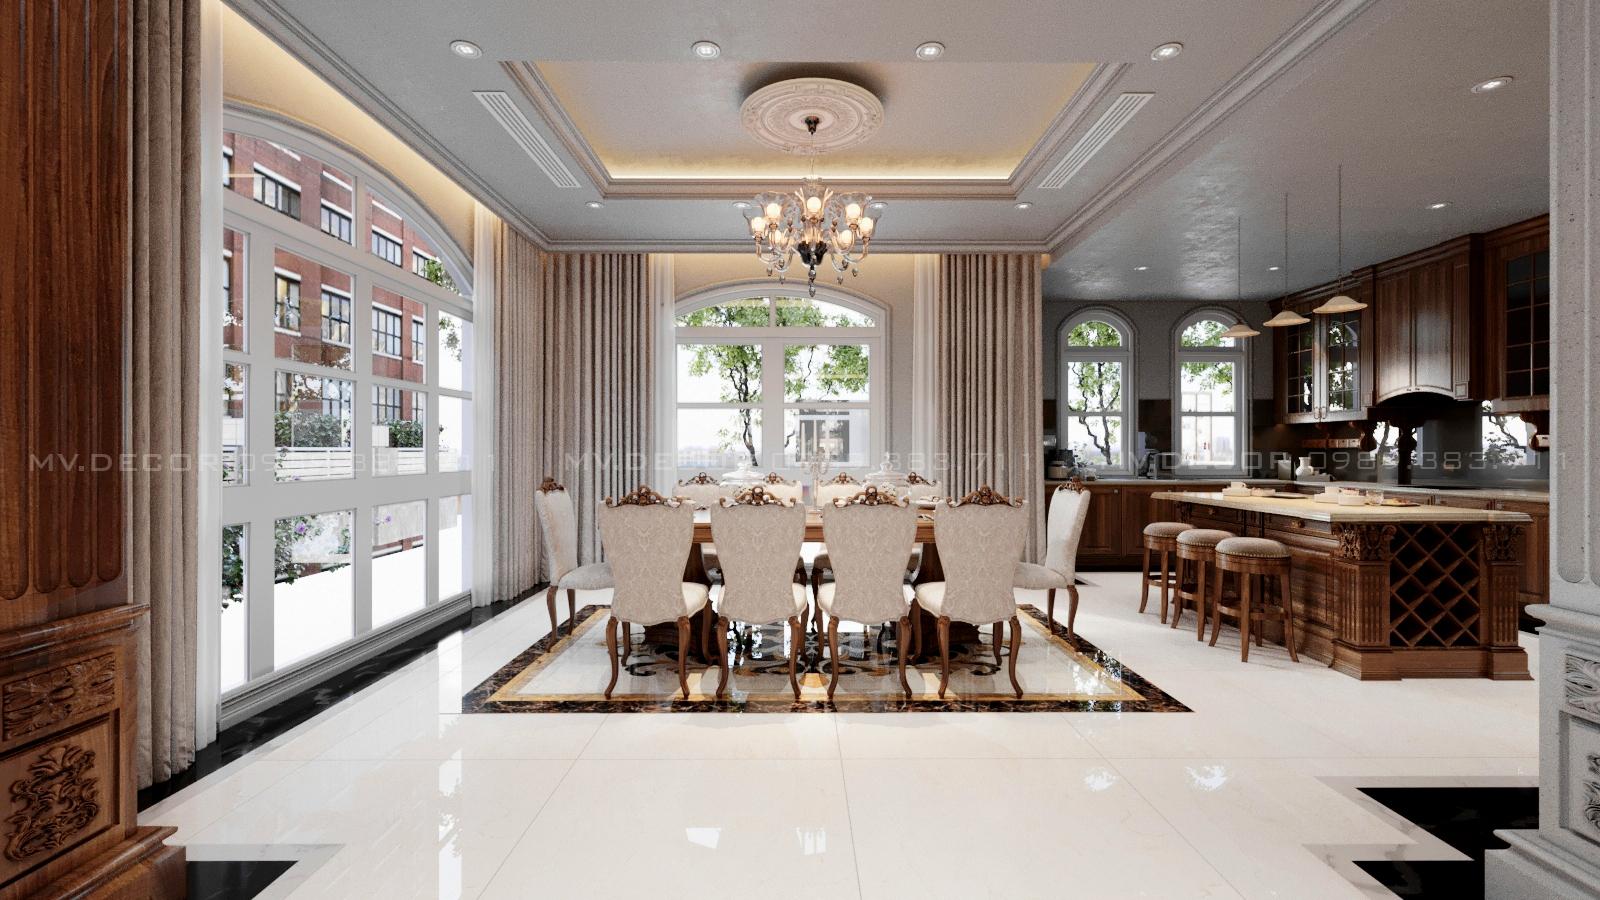 thiết kế nội thất Biệt Thự tại Hải Phòng BT VINHOME HẢI PHÒNG 1 1562719447